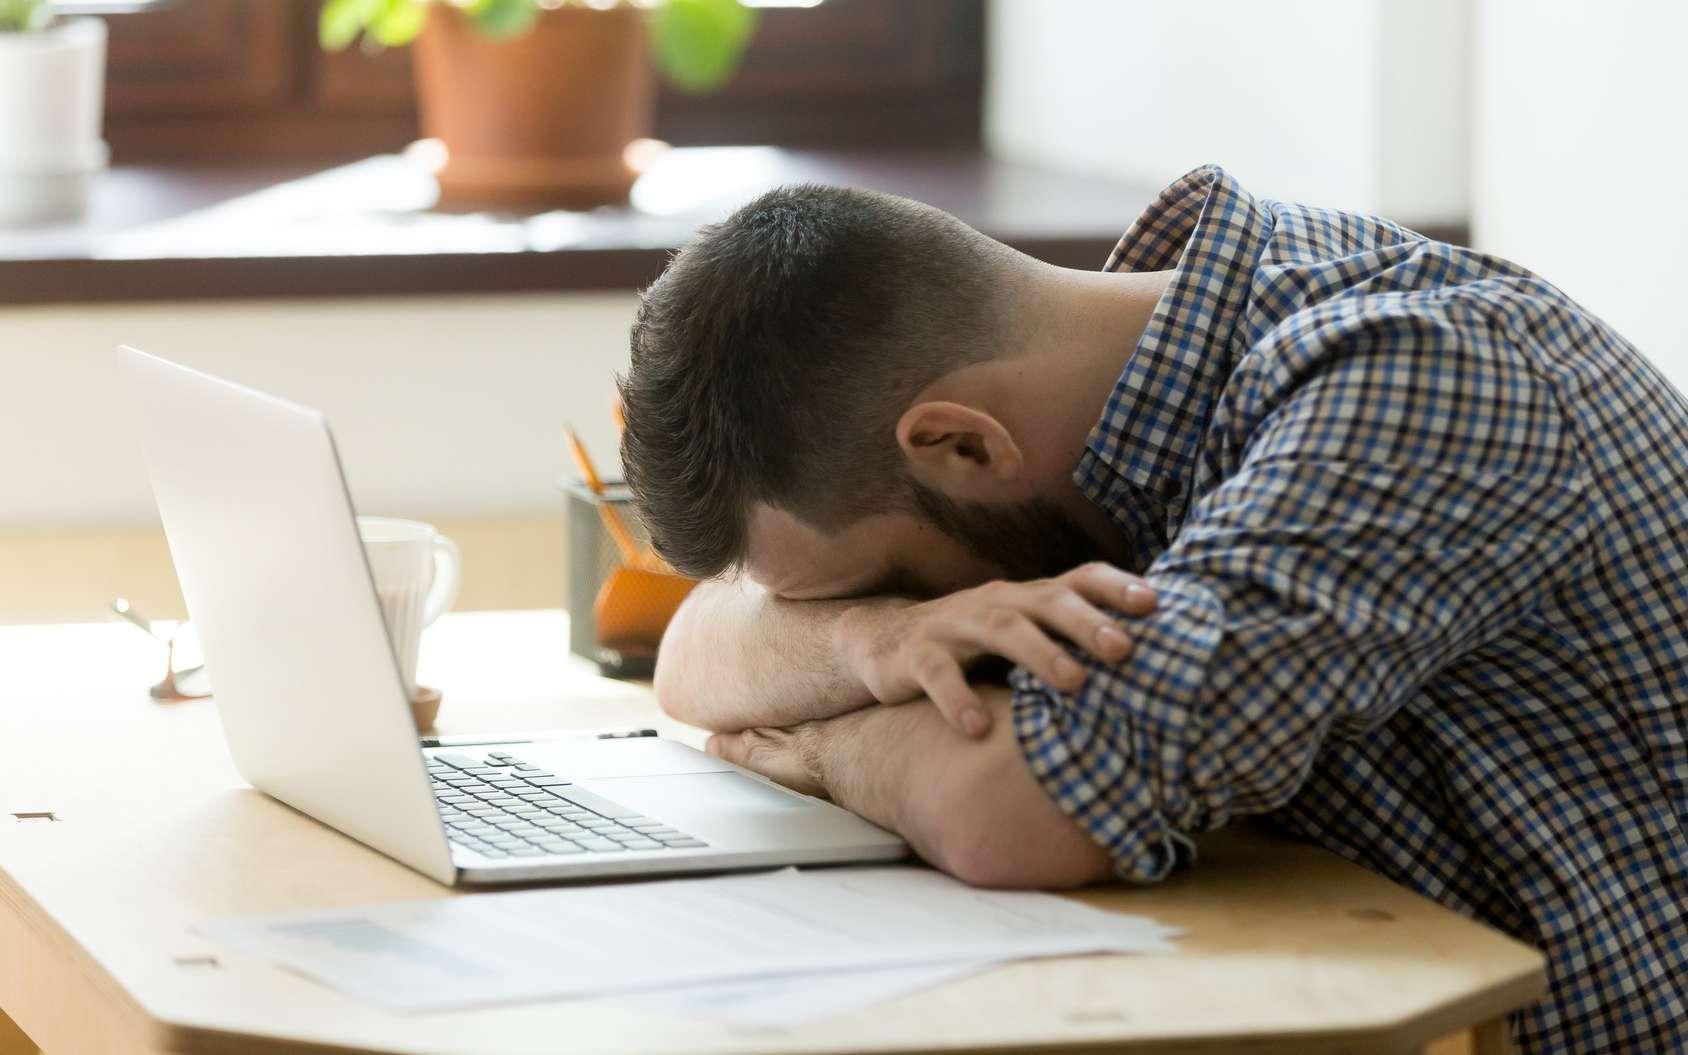 La narcolepsie est un trouble neurologique qui se caractérise par des envies rapides et irrépressibles de dormir. © fizkes, Fotolia